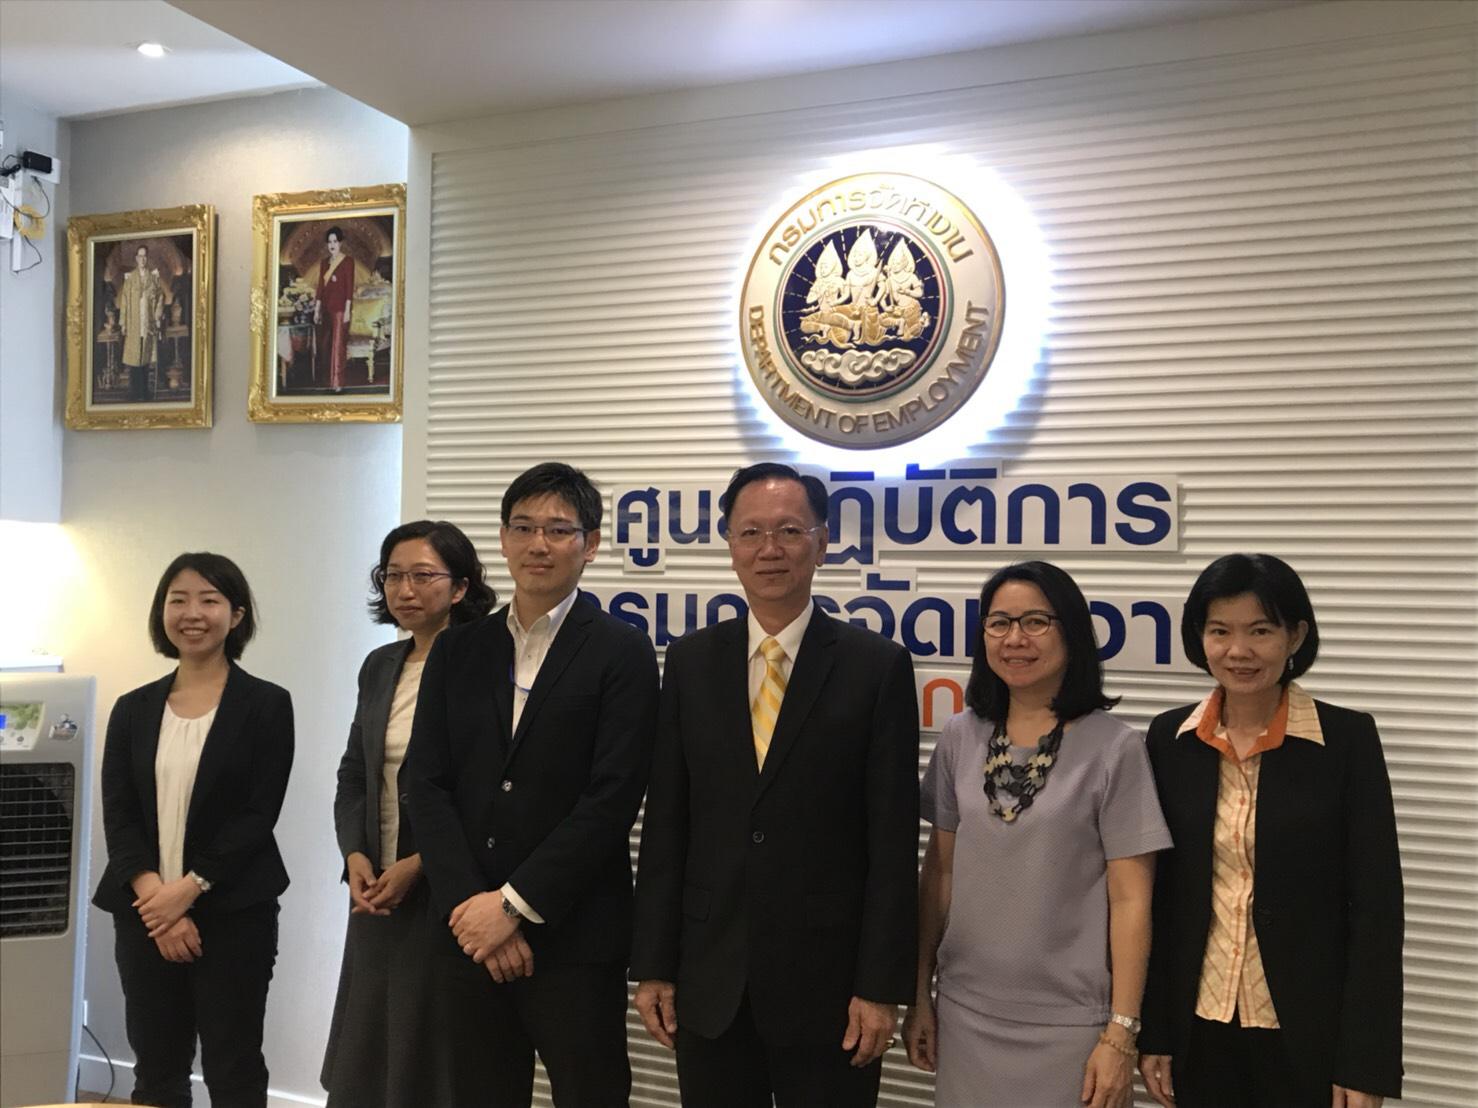 รองอธิบดีกรมการจัดหางาน ให้การต้อนรับ  เลขานุการเอก สถานทูตญี่ปุ่นประจำประเทศไทย